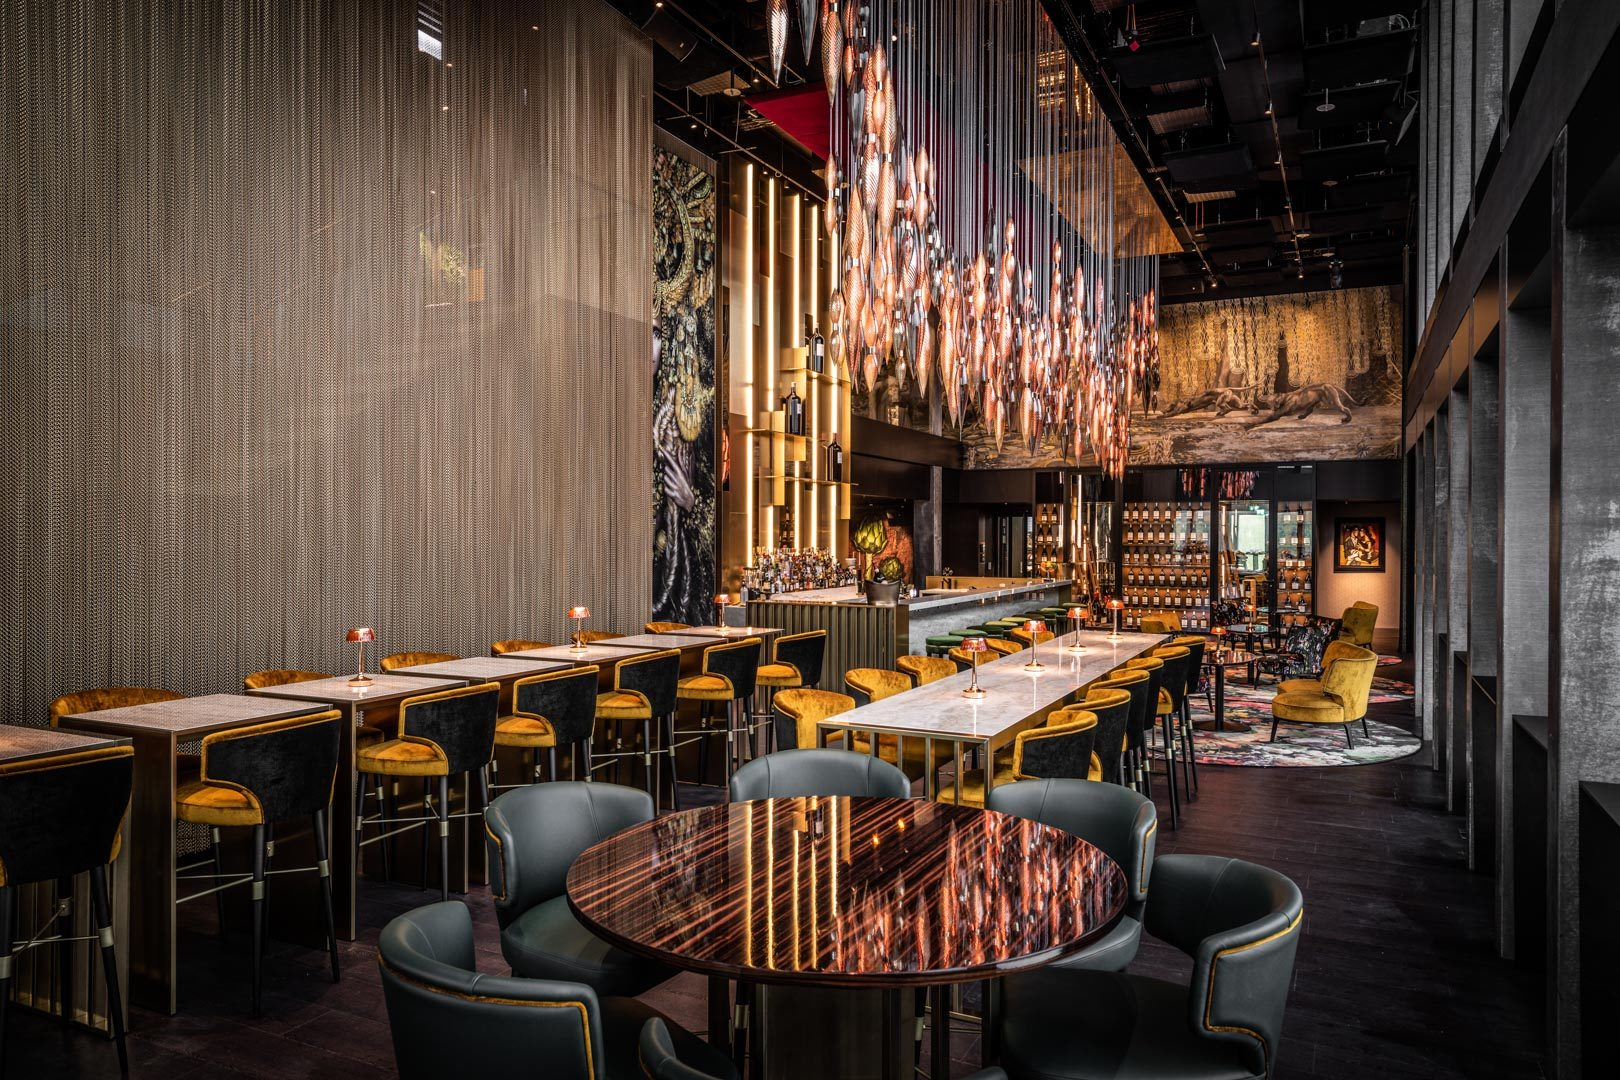 Sablier Bar